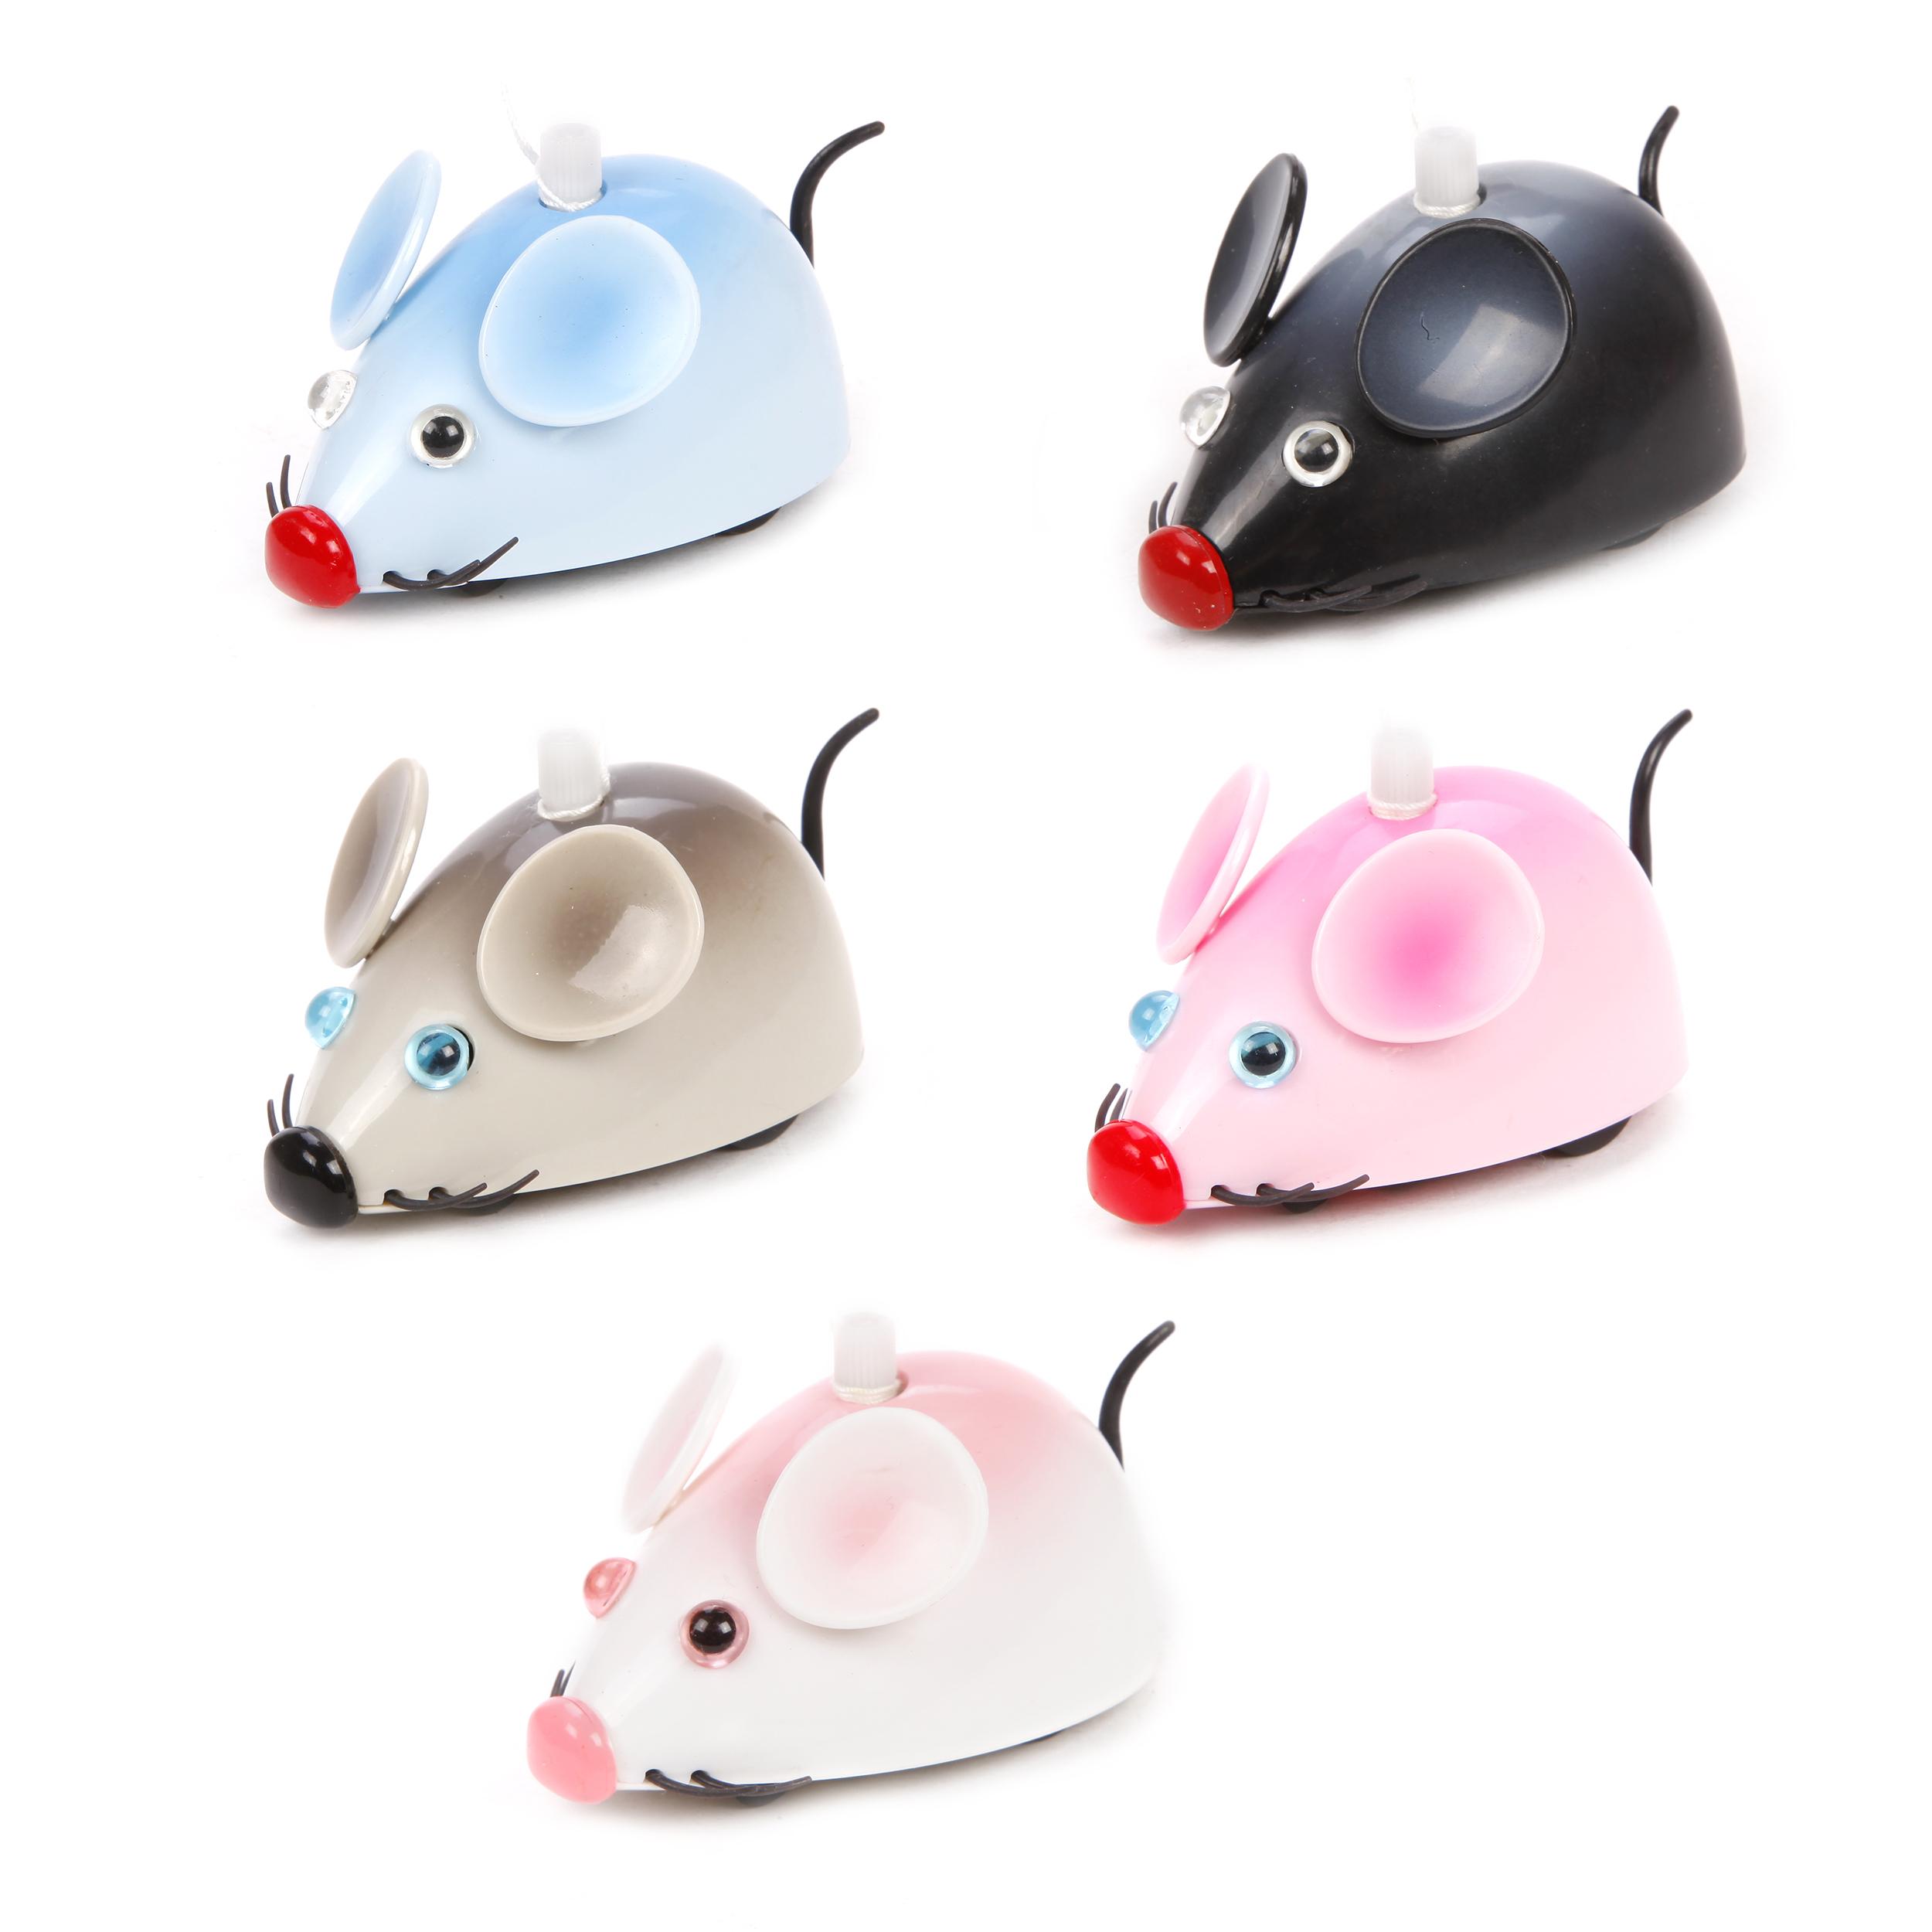 Купить Фигурки животных, Мышка 6 видов, в ассортименте., Жирафики, Китай